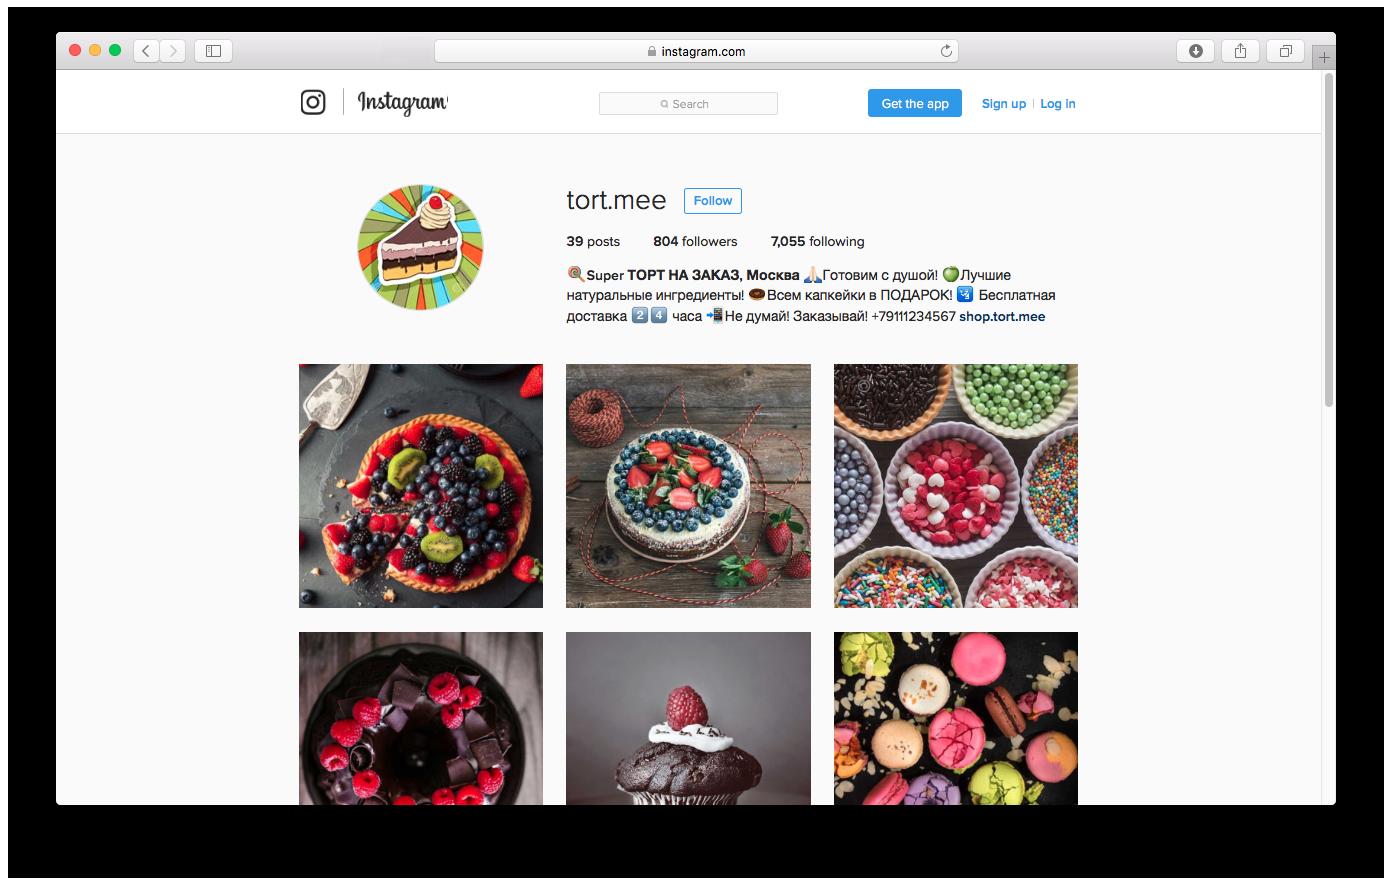 Продвигаем свой аккаунт в Инстаграм с качественными снимками и видео